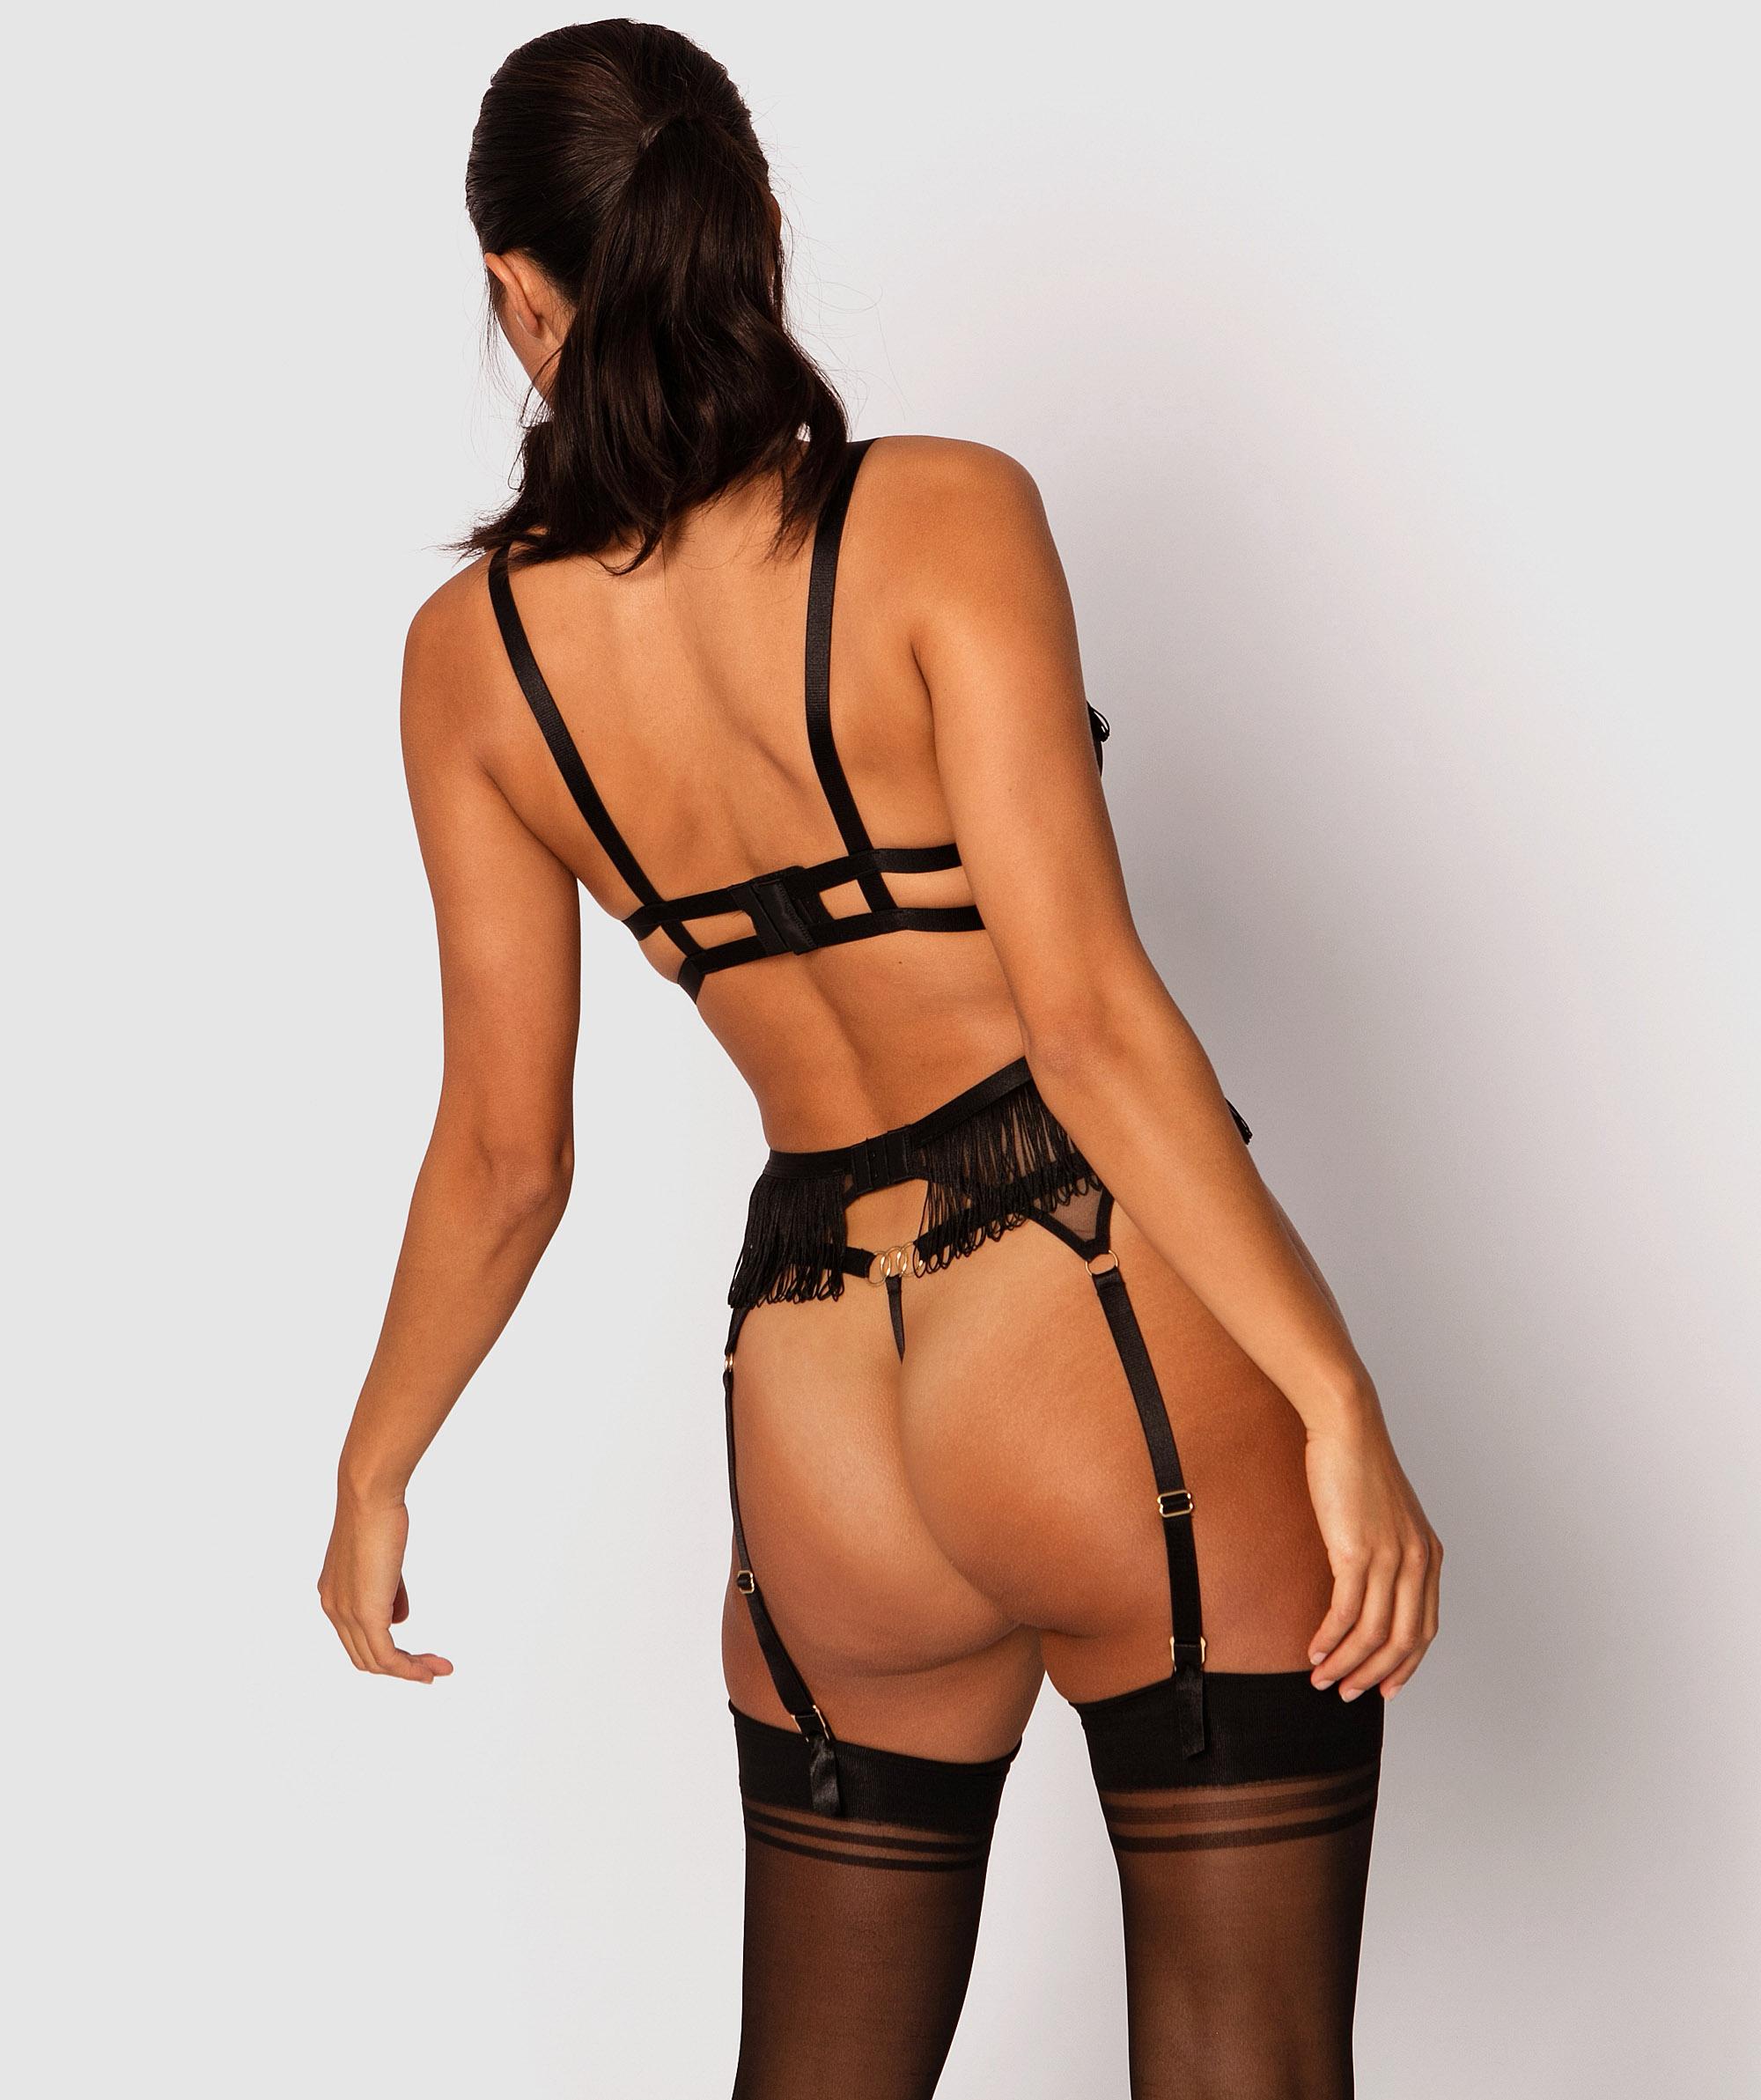 Firecracker Suspender - Black